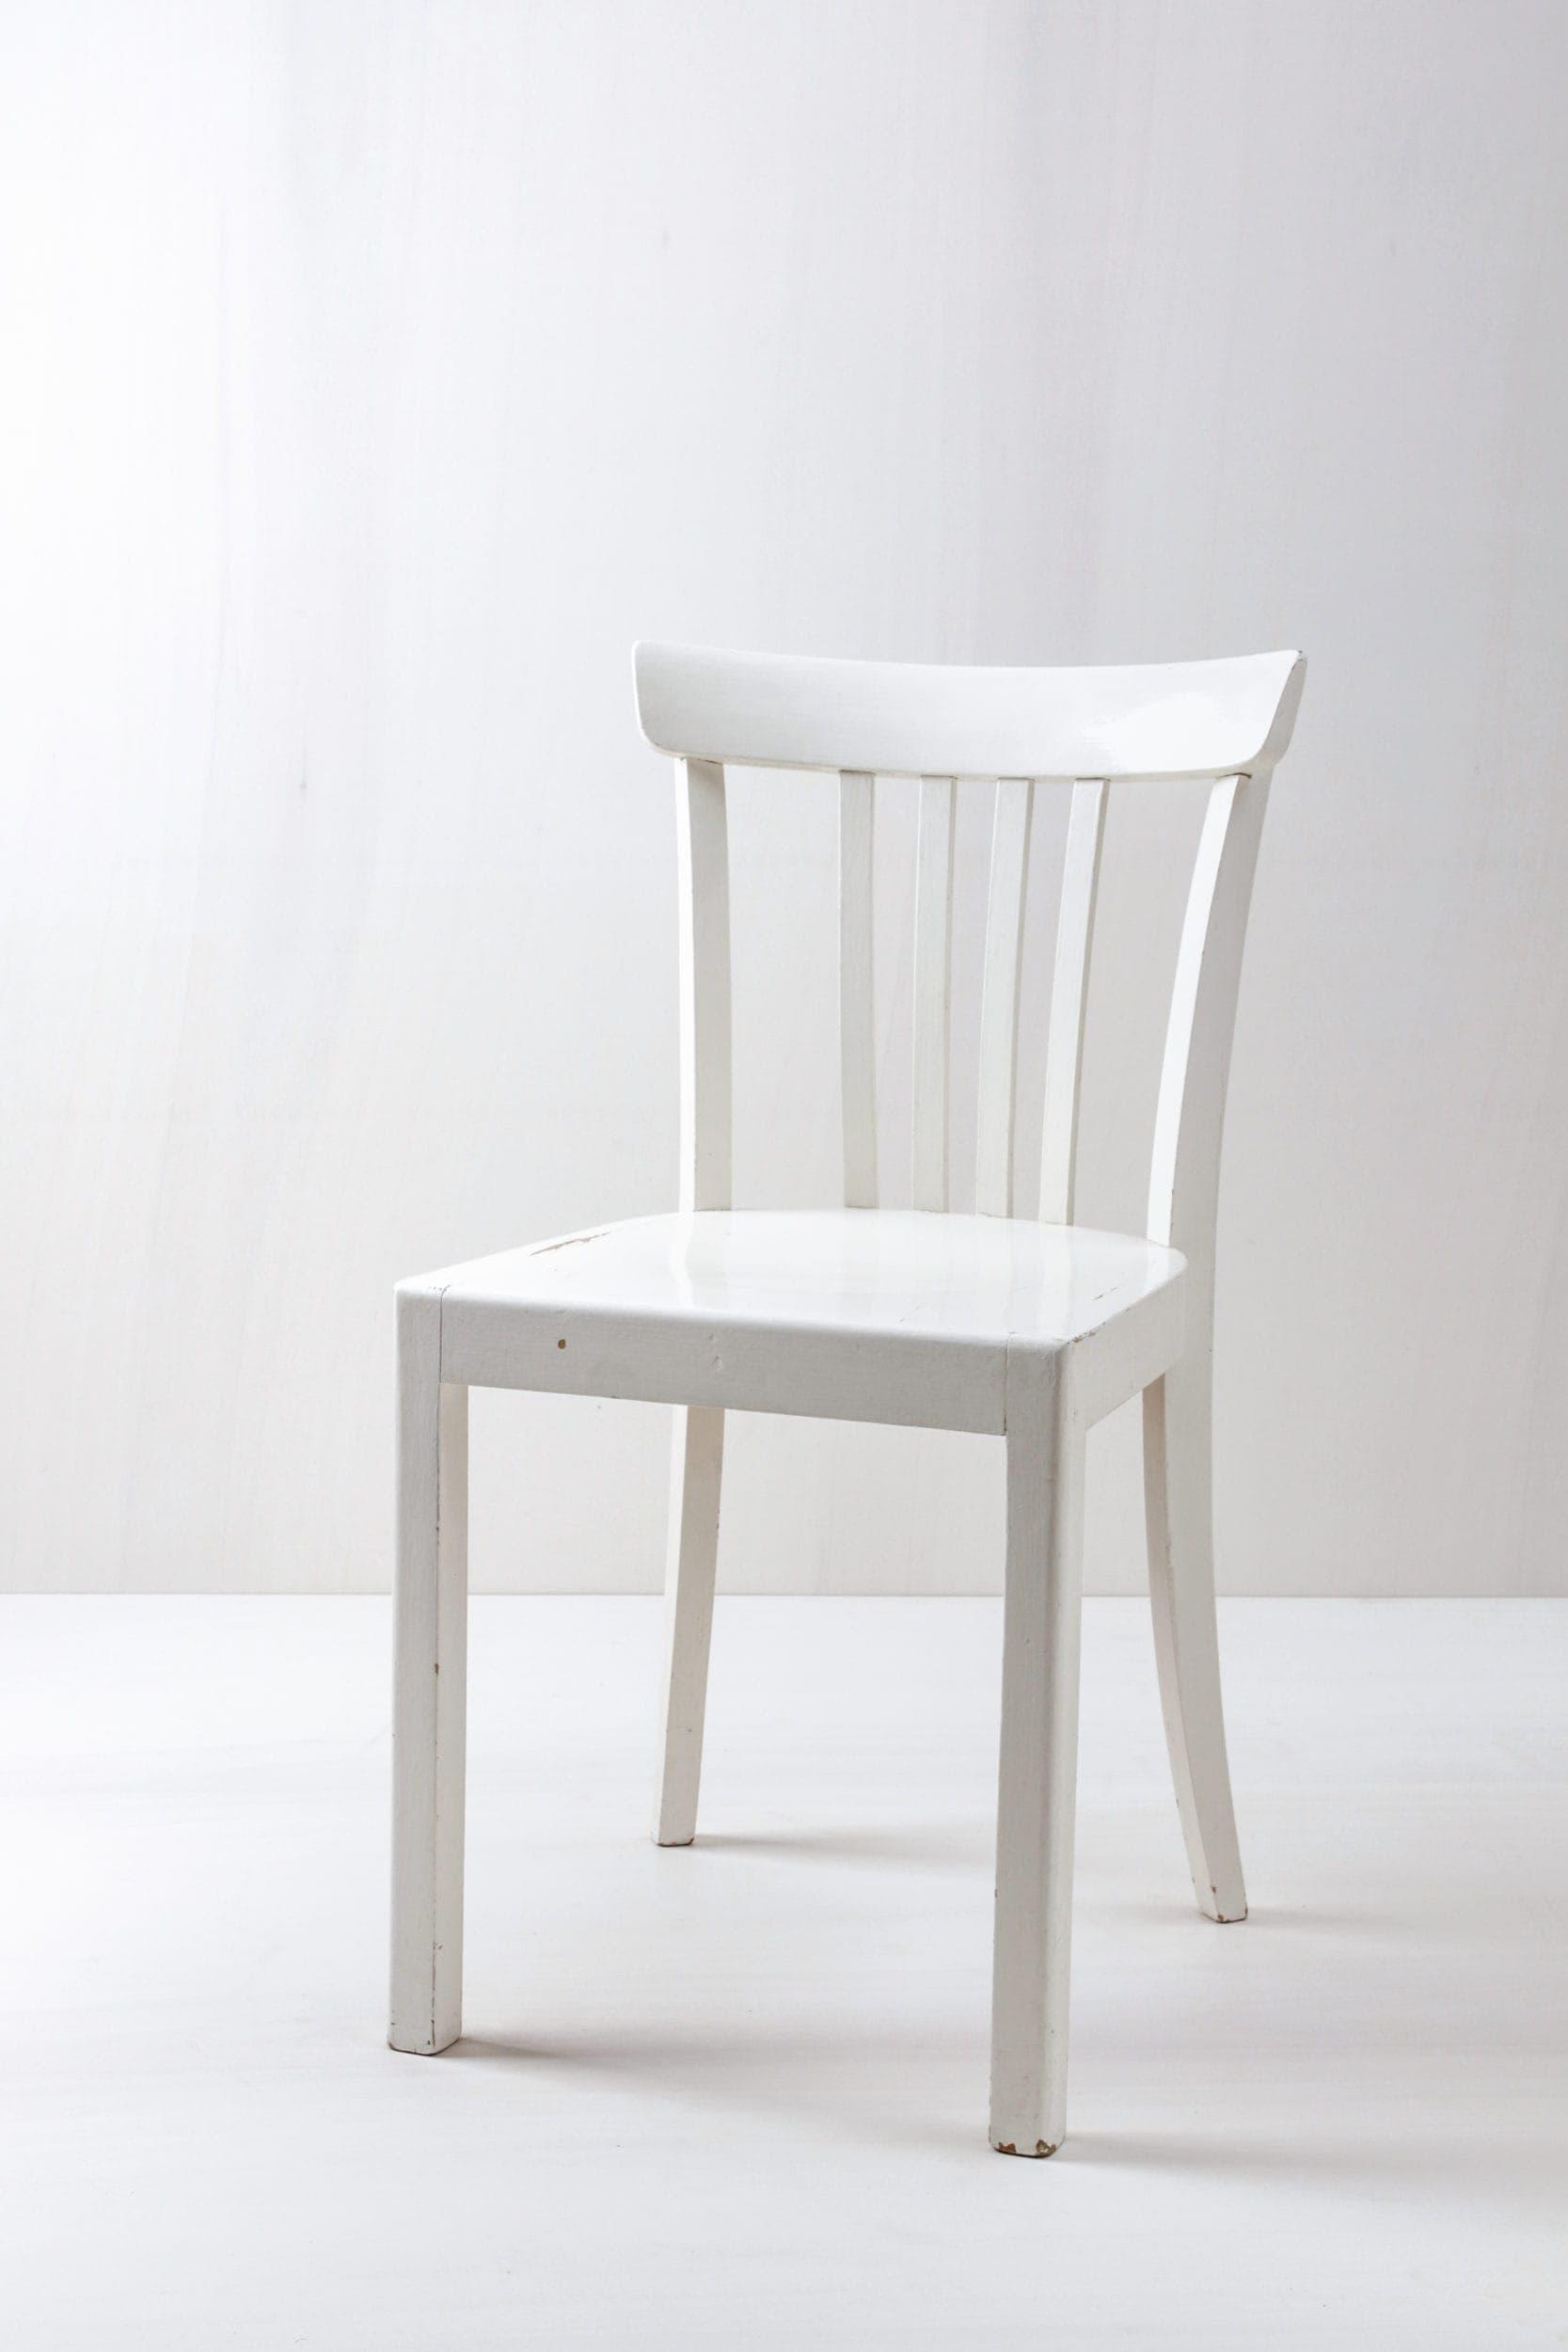 Stühle, Mobiliar für Hochzeiten, Events und Veranstaltungen mieten